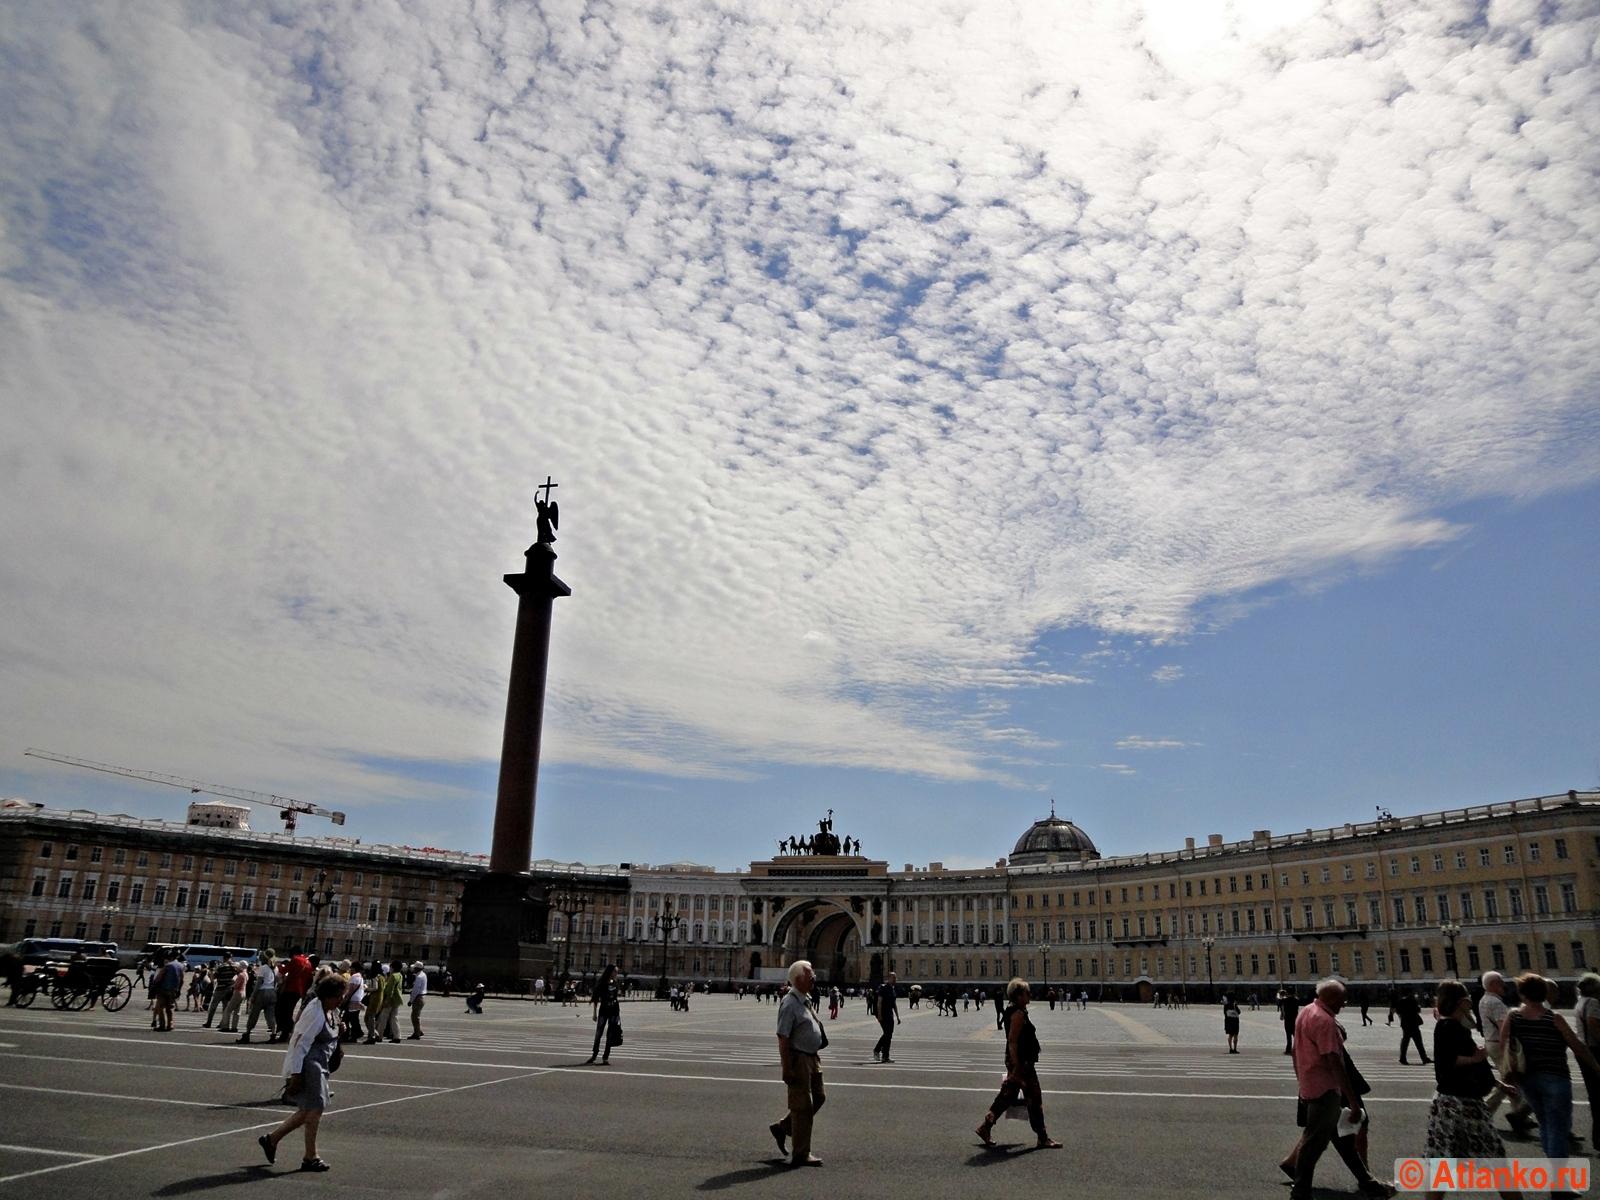 Дворцовая площадь - главная площадь Северной столицы России. Санкт-Петербург. Фотография